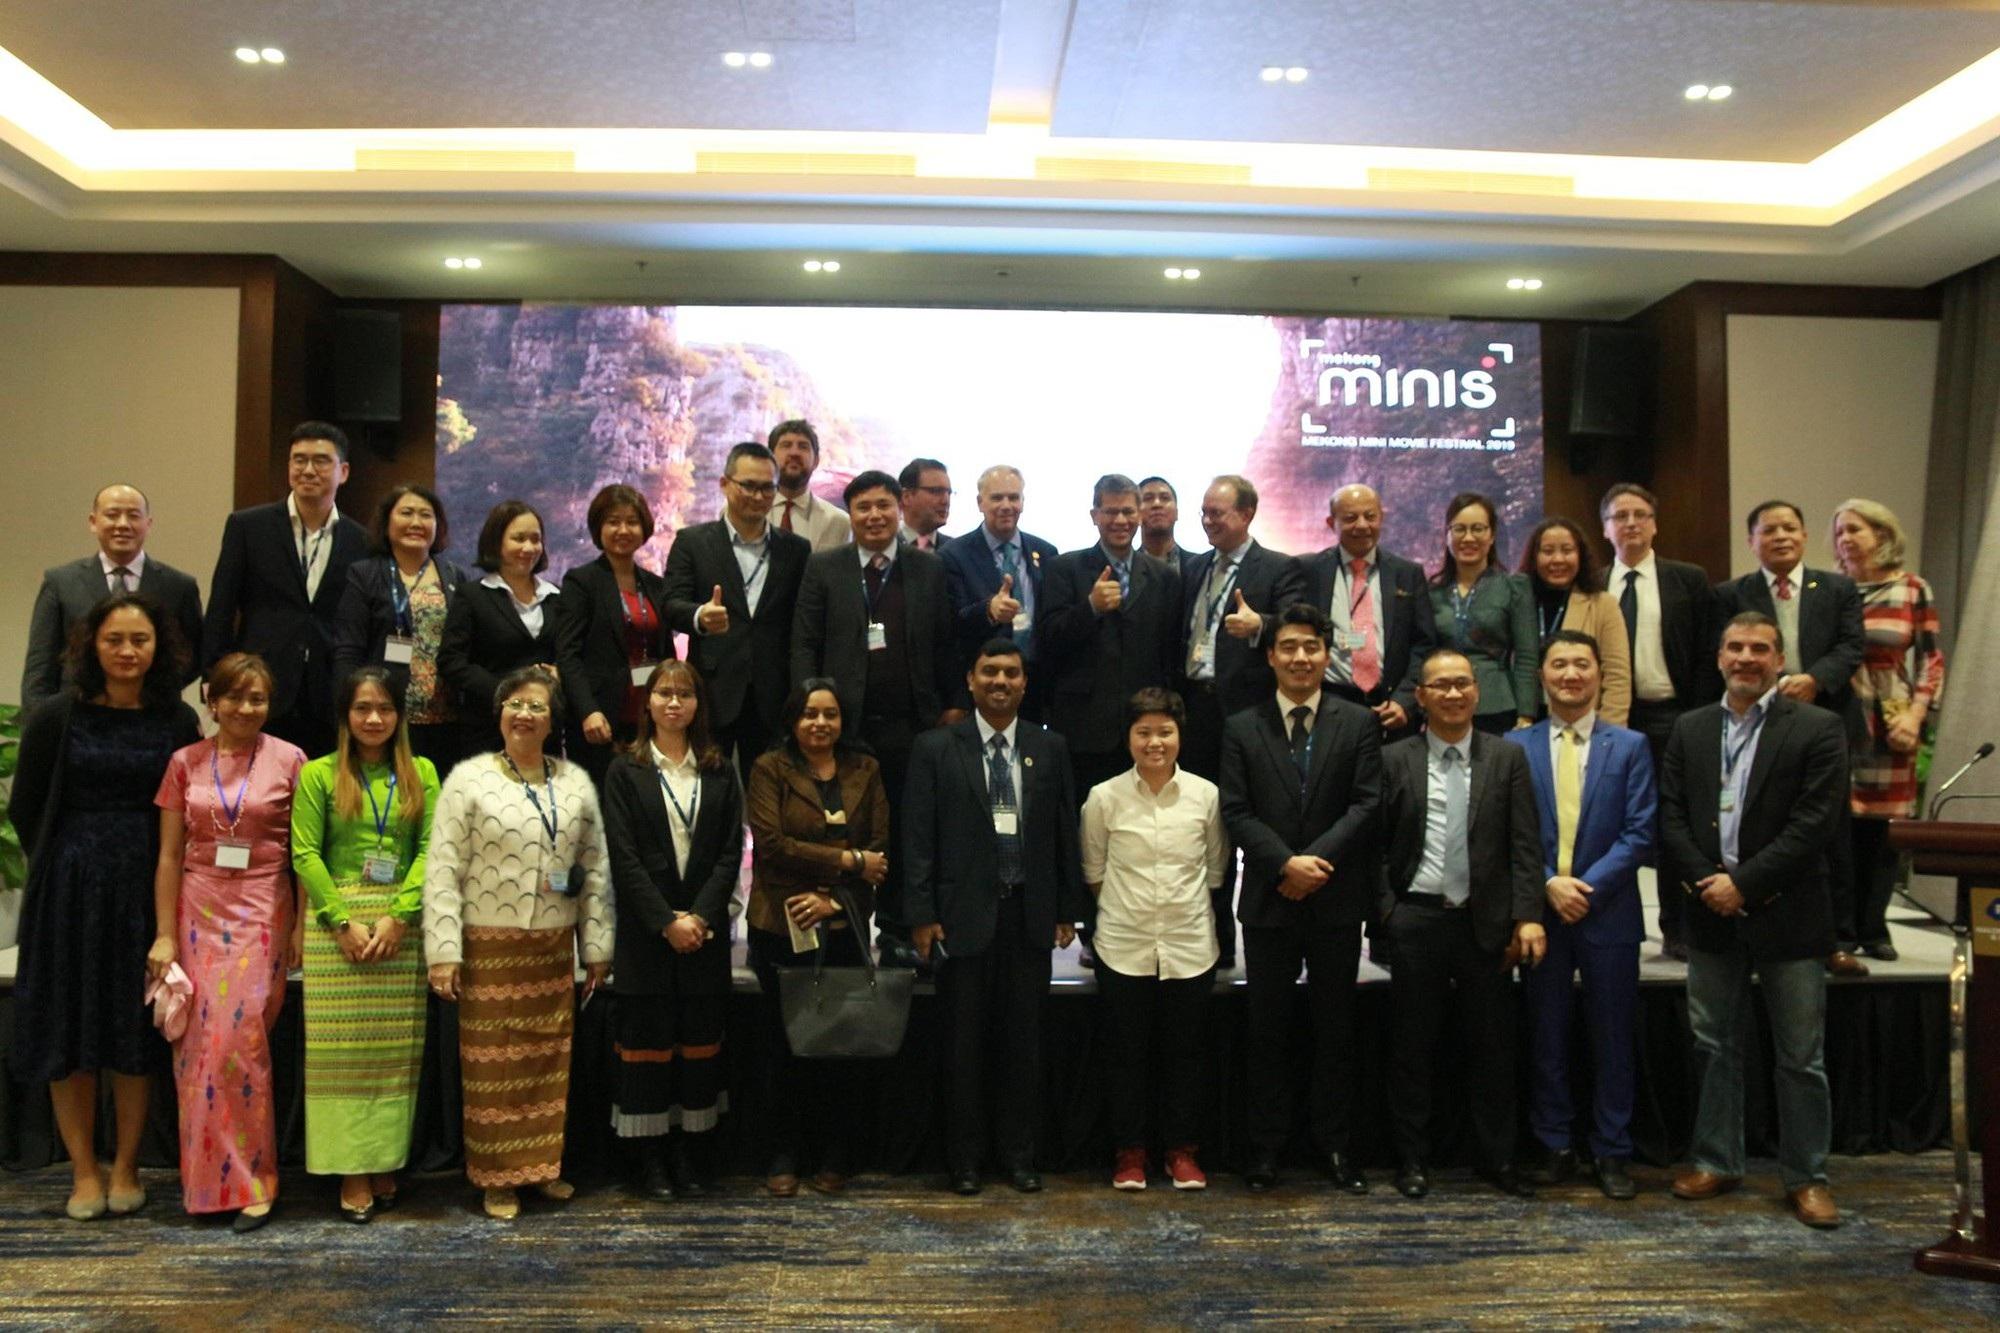 Hội nghị du lịch ASEAN (ATC), kết nối di sản và phát triển du lịch trong thời đại số - Ảnh 3.